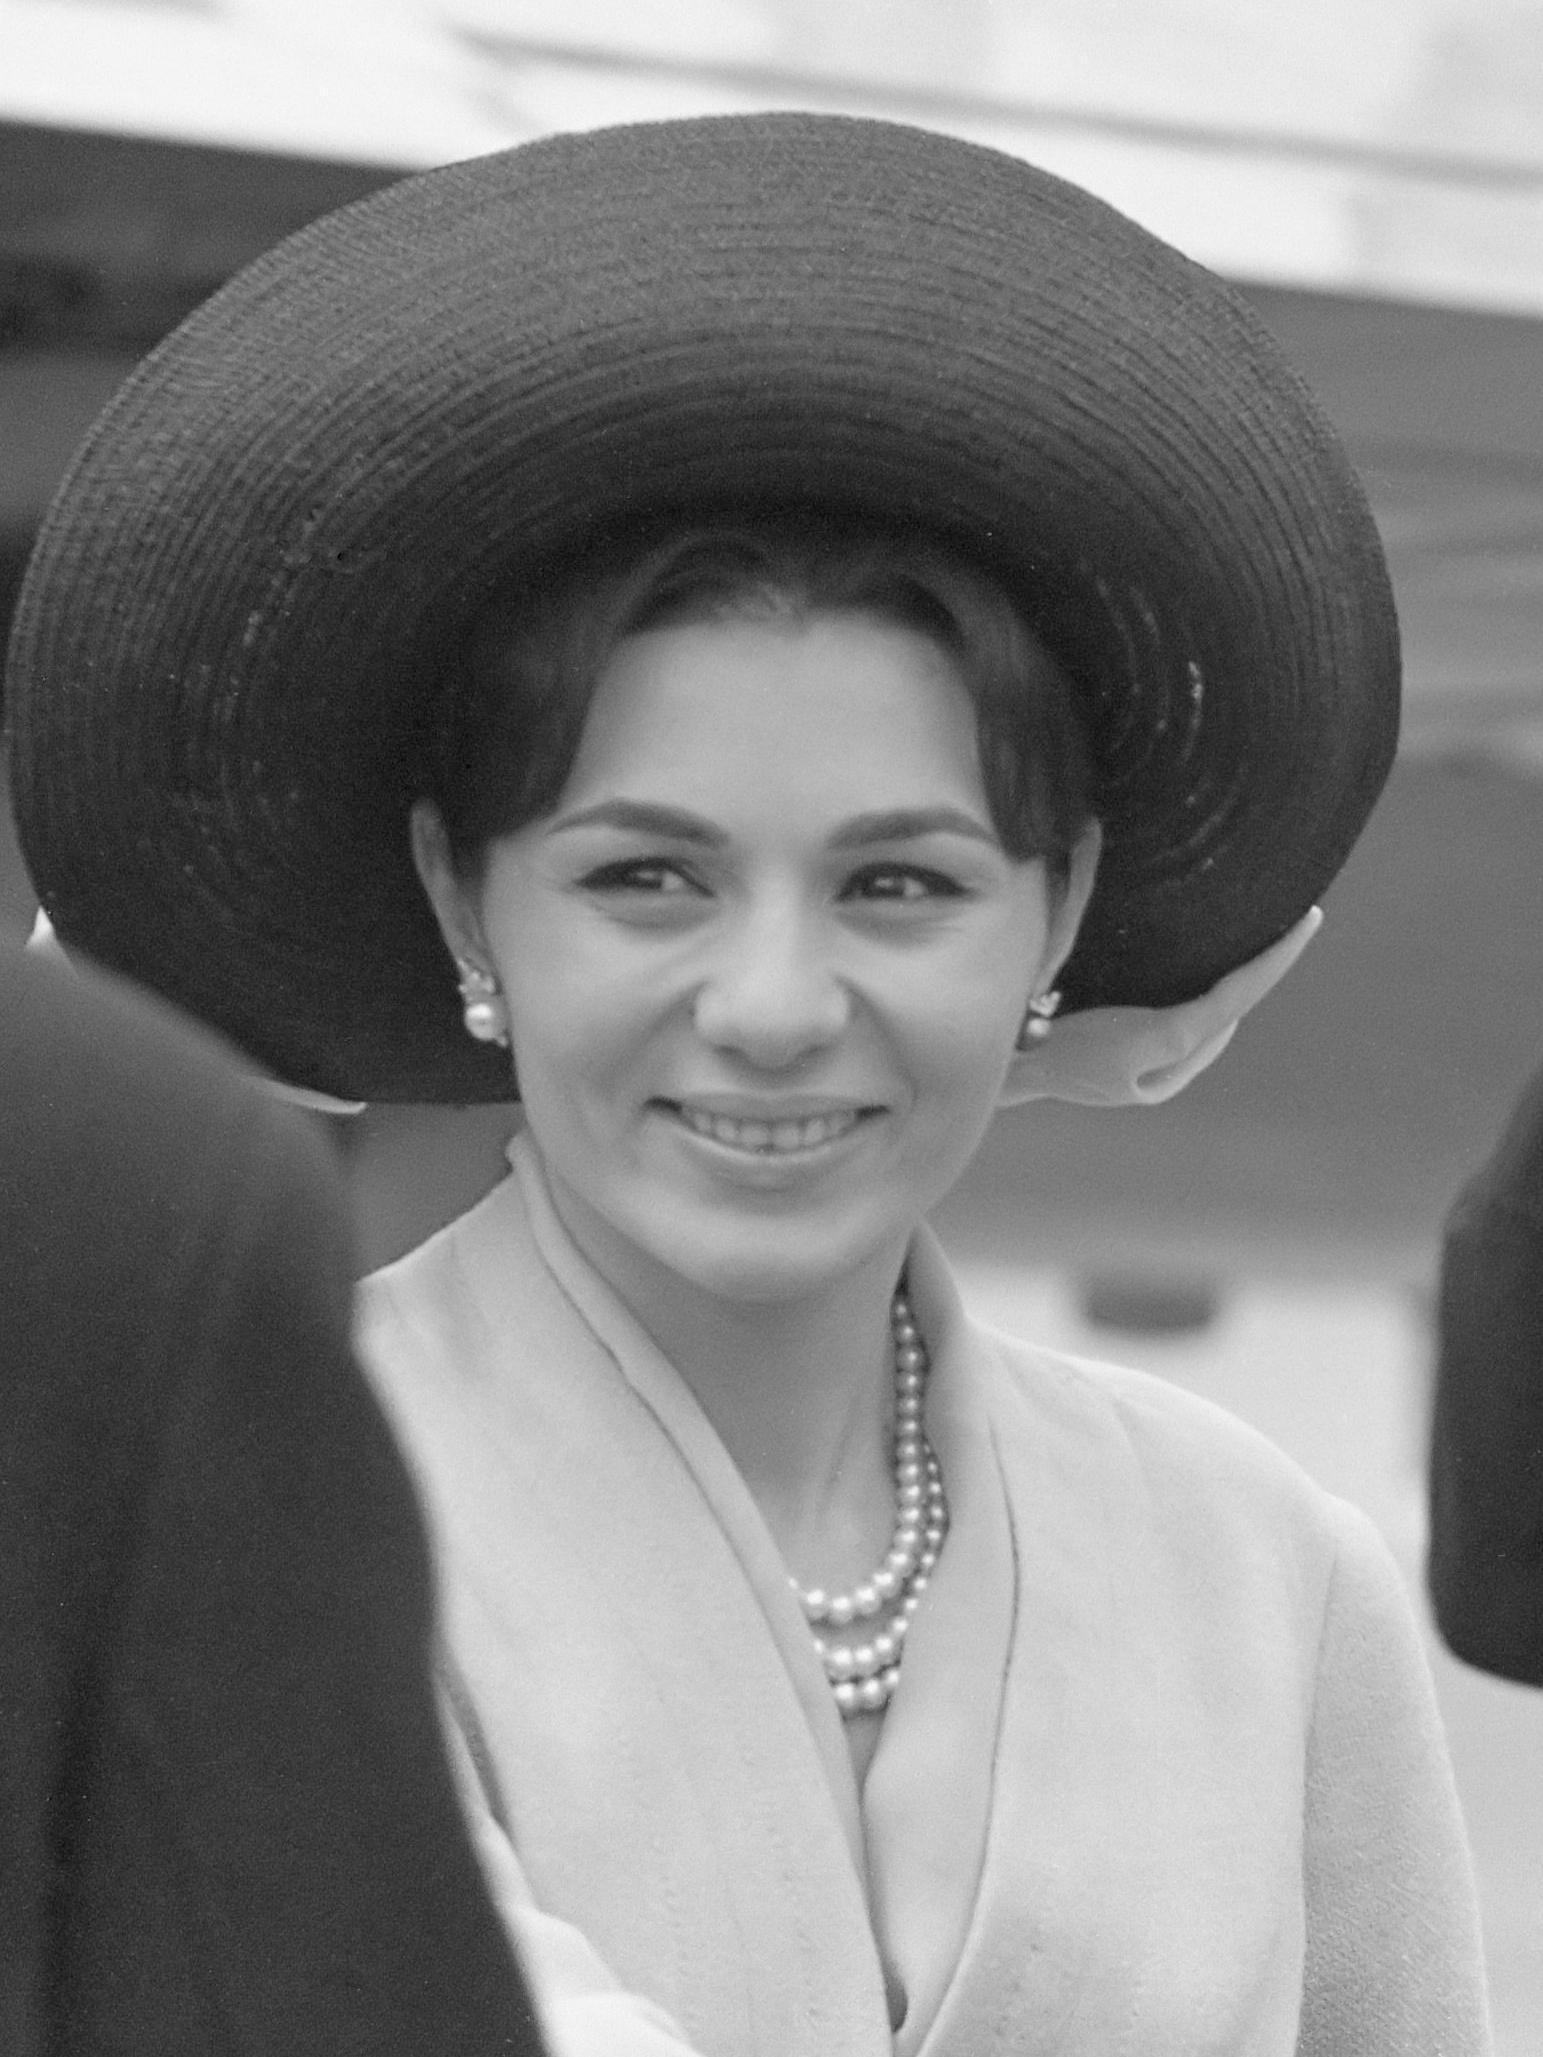 File:Farah Diba (1962).jpg - Wikimedia Commons